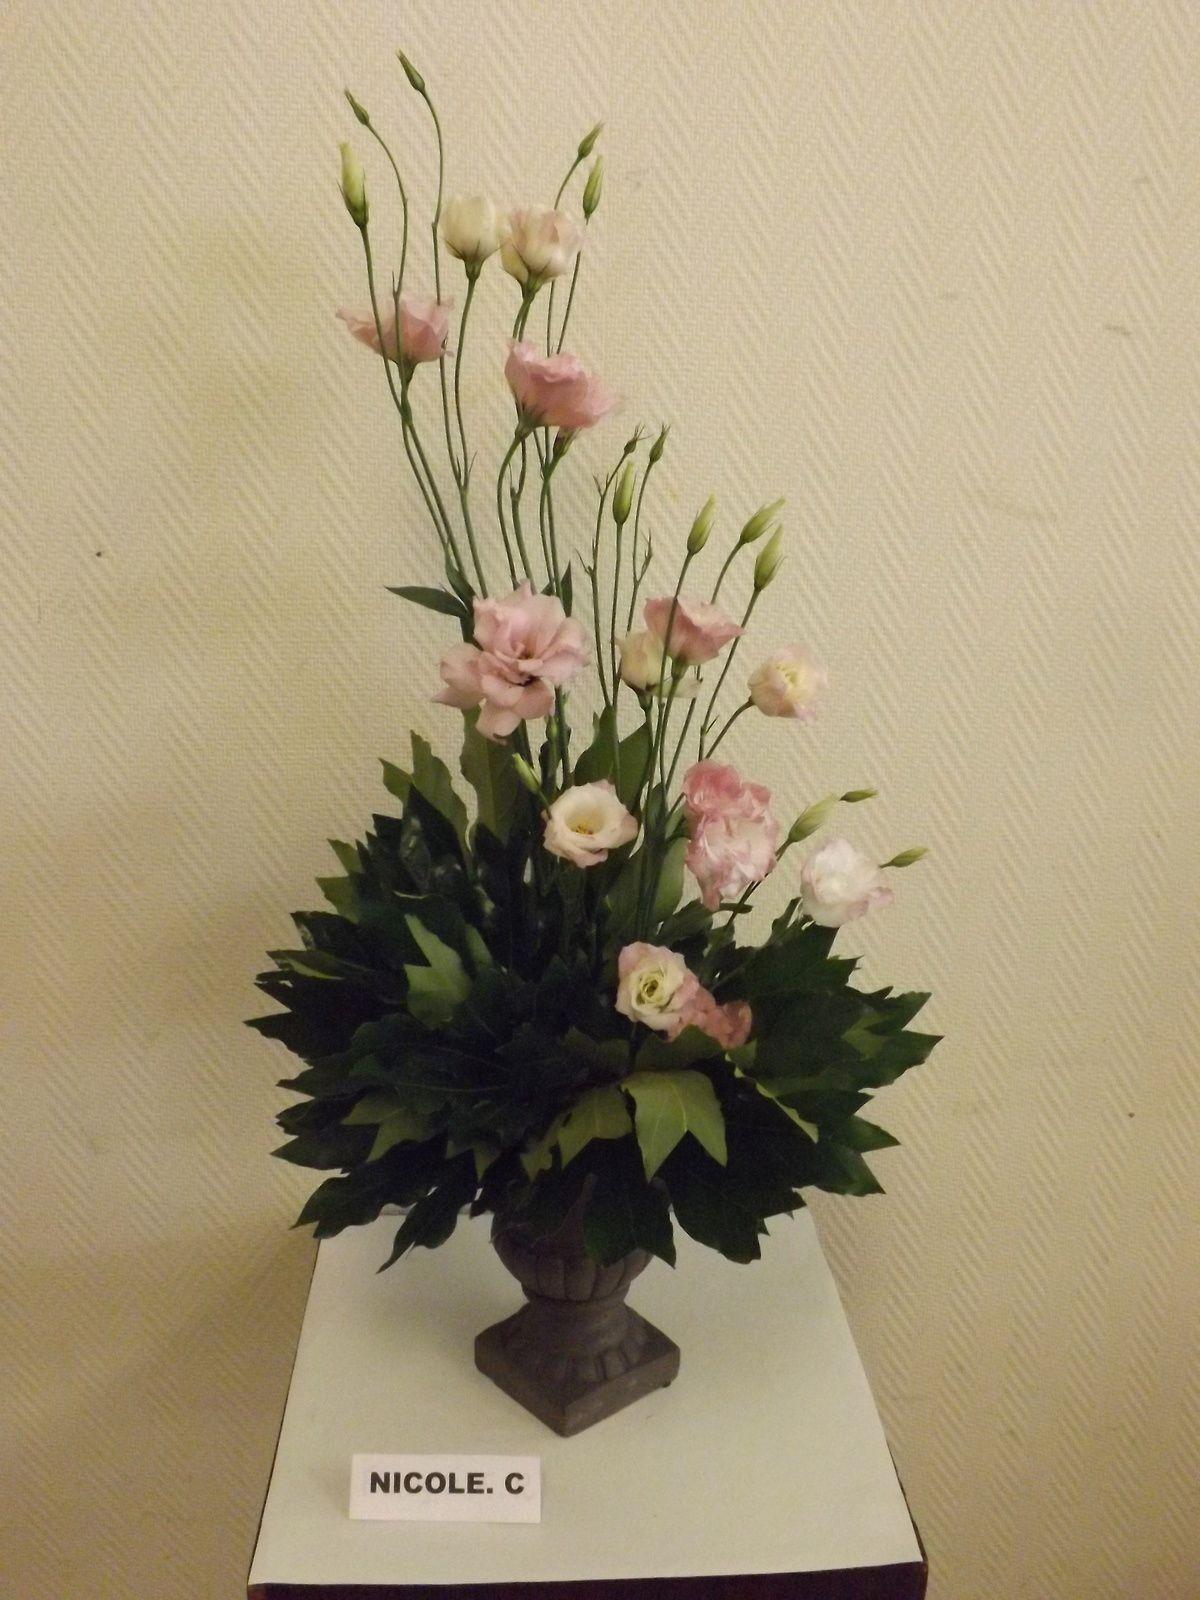 Aralia, fleurs d'ail, coques de pavots ou lisianthus